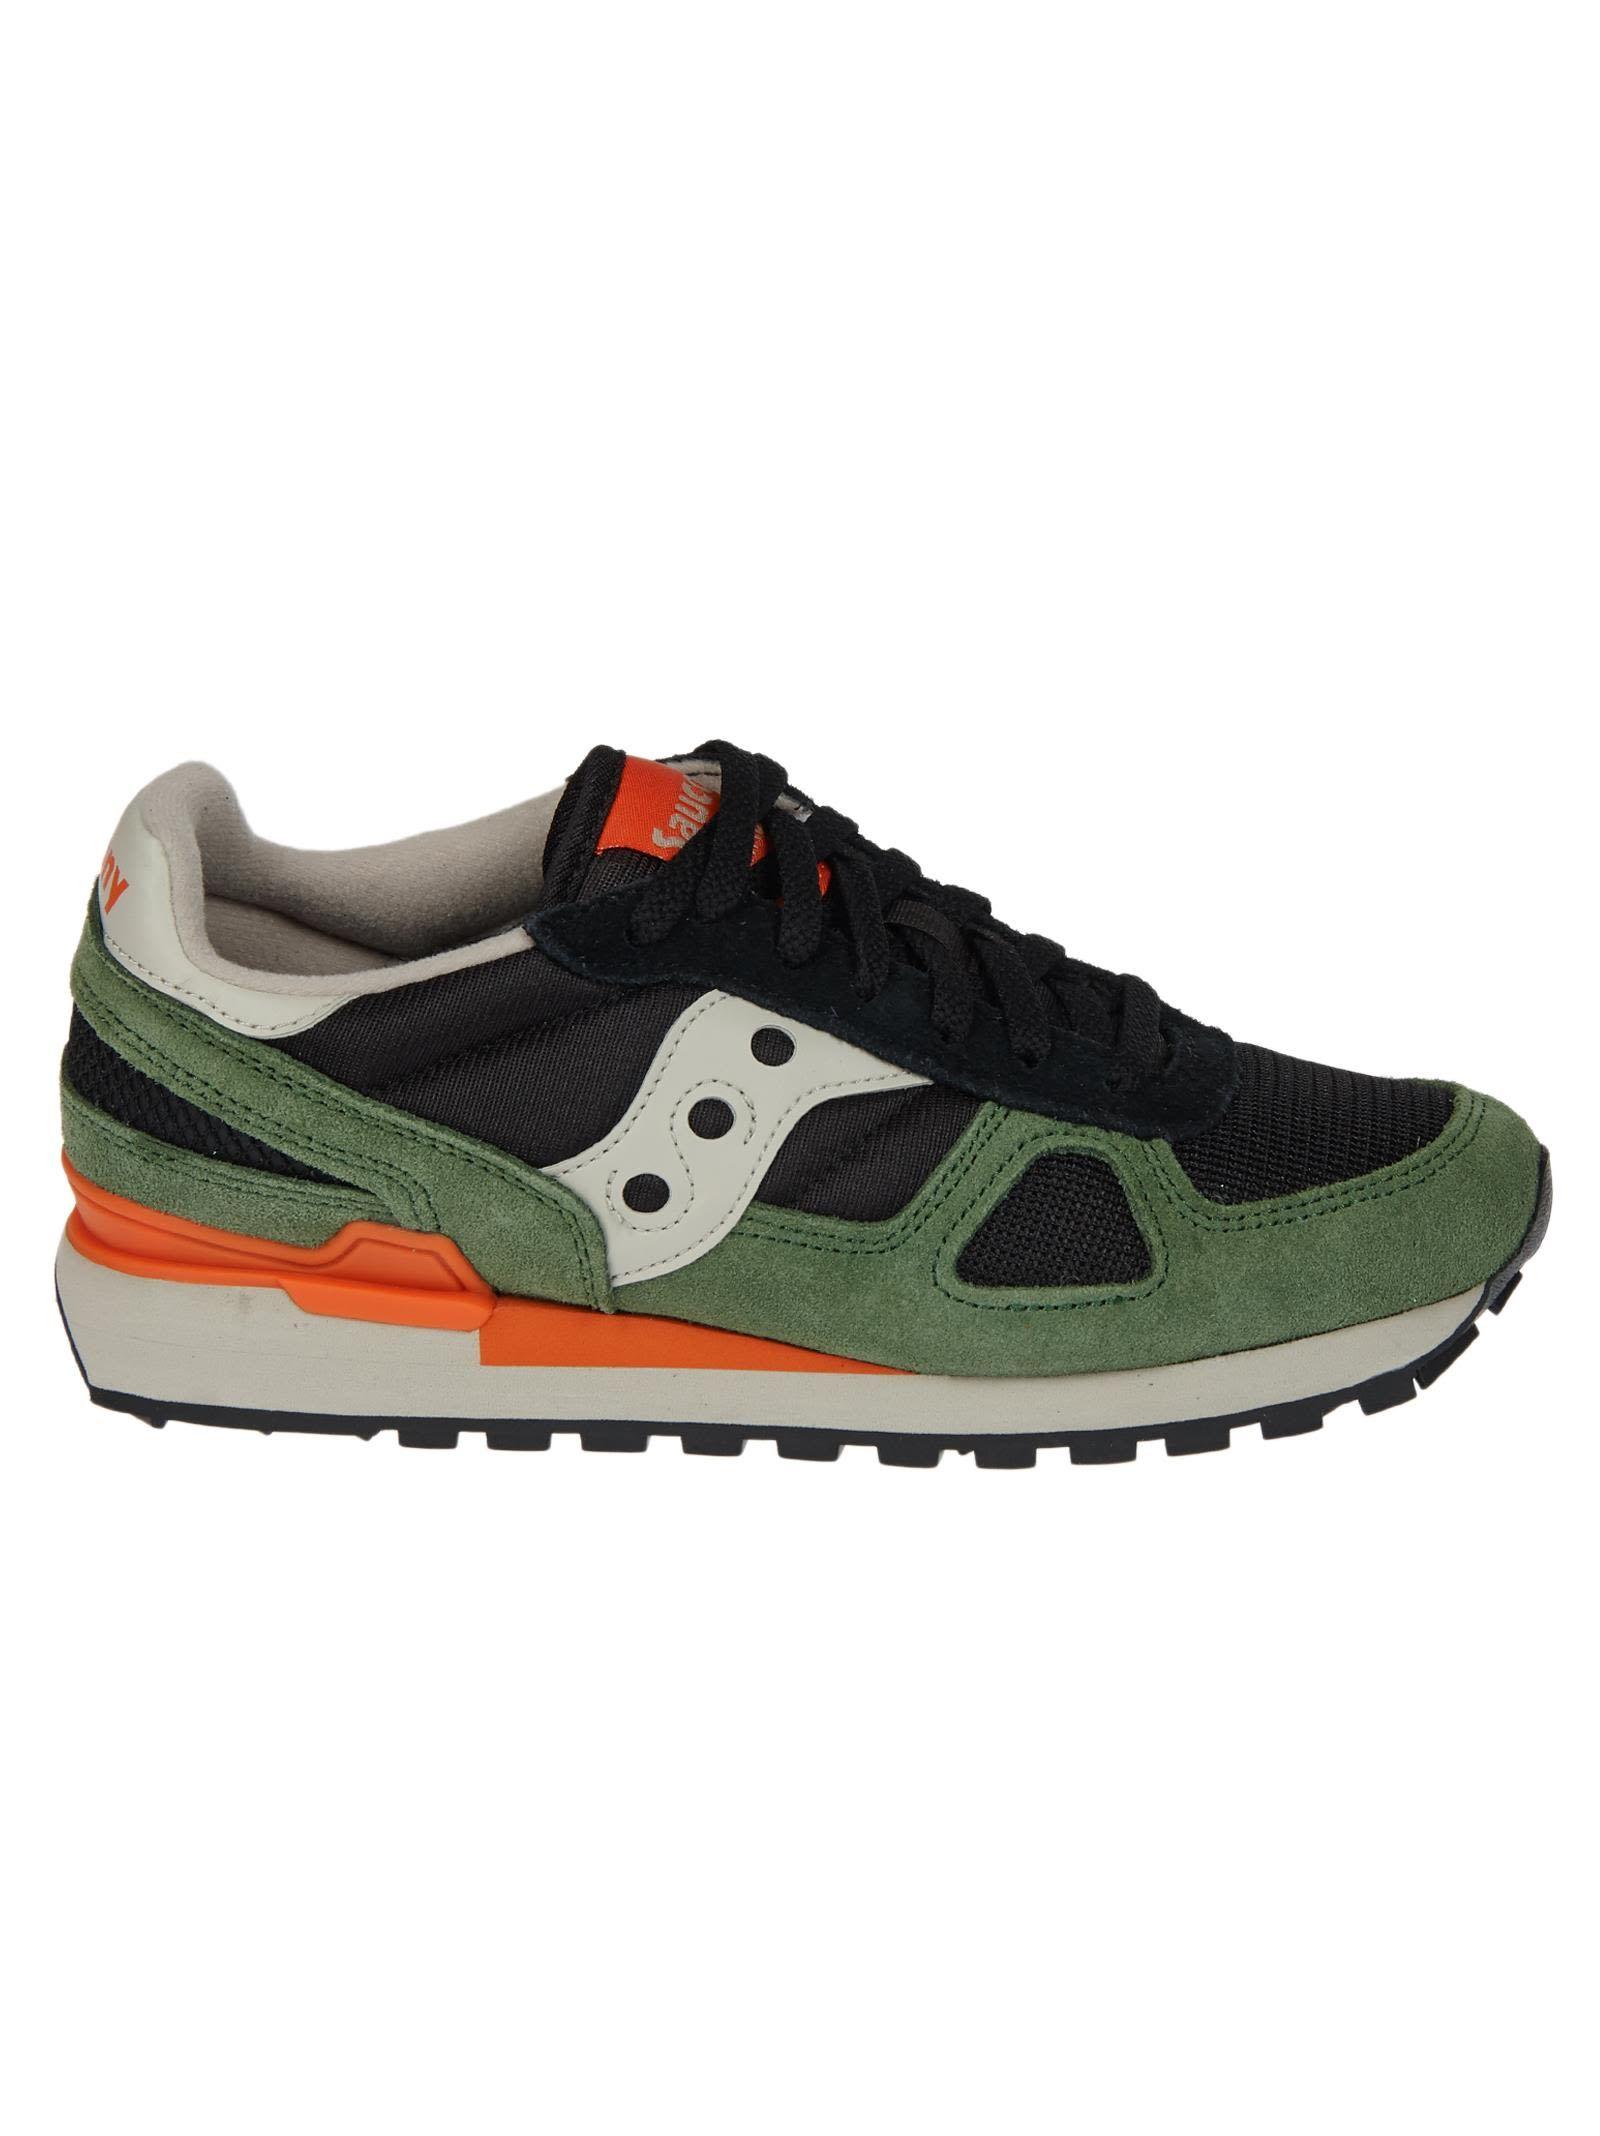 8b9d65ee7ca SAUCONY SHADOW ORIGINAL SNEAKERS.  saucony  shoes Saucony Shoes